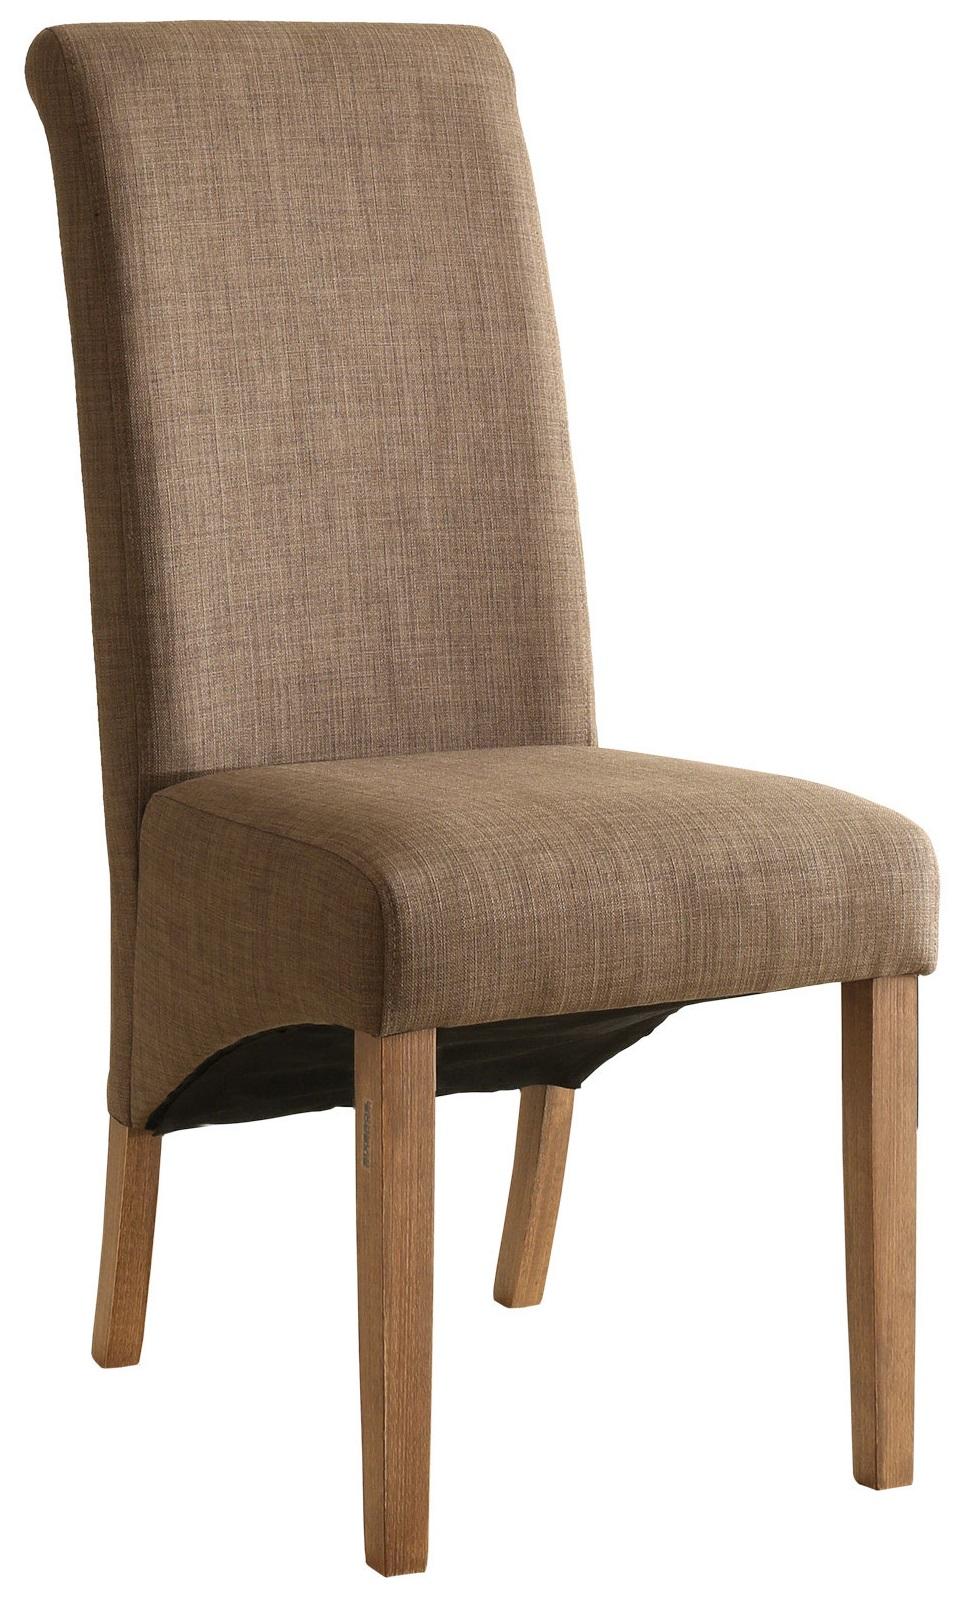 Sixbros silla de comedor silla tapizada haya tela varios - Tela para sillas de comedor ...